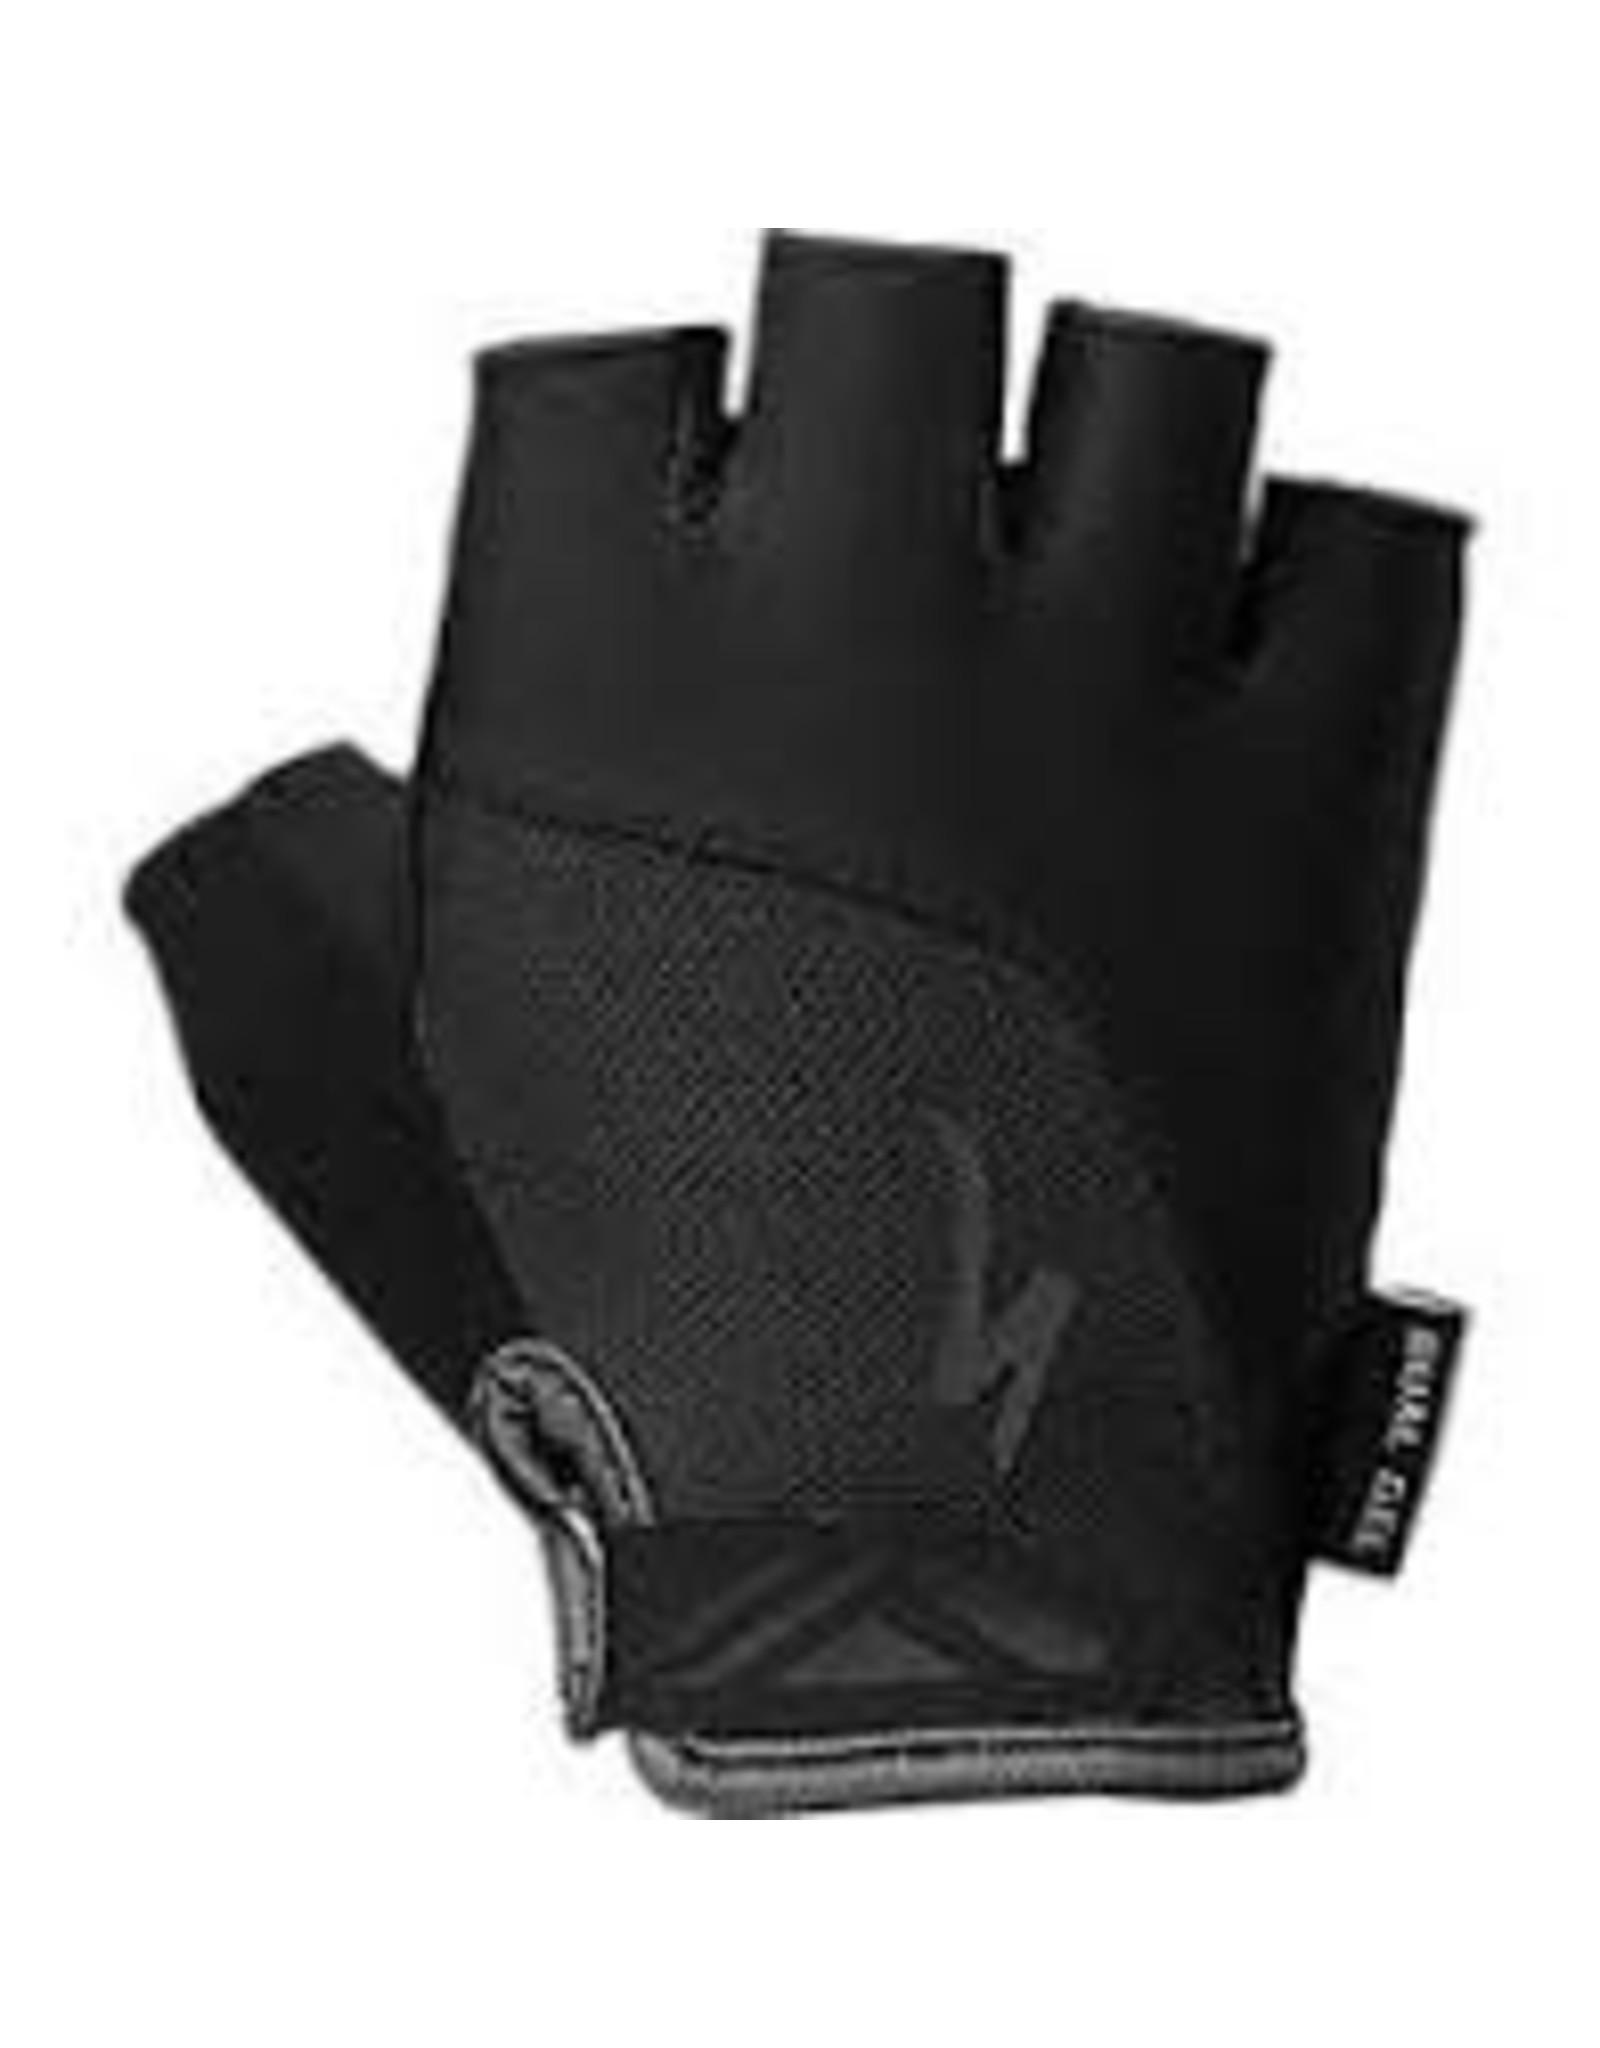 Specialized Glove Spec BG Gel Wmn Blk/Blk S